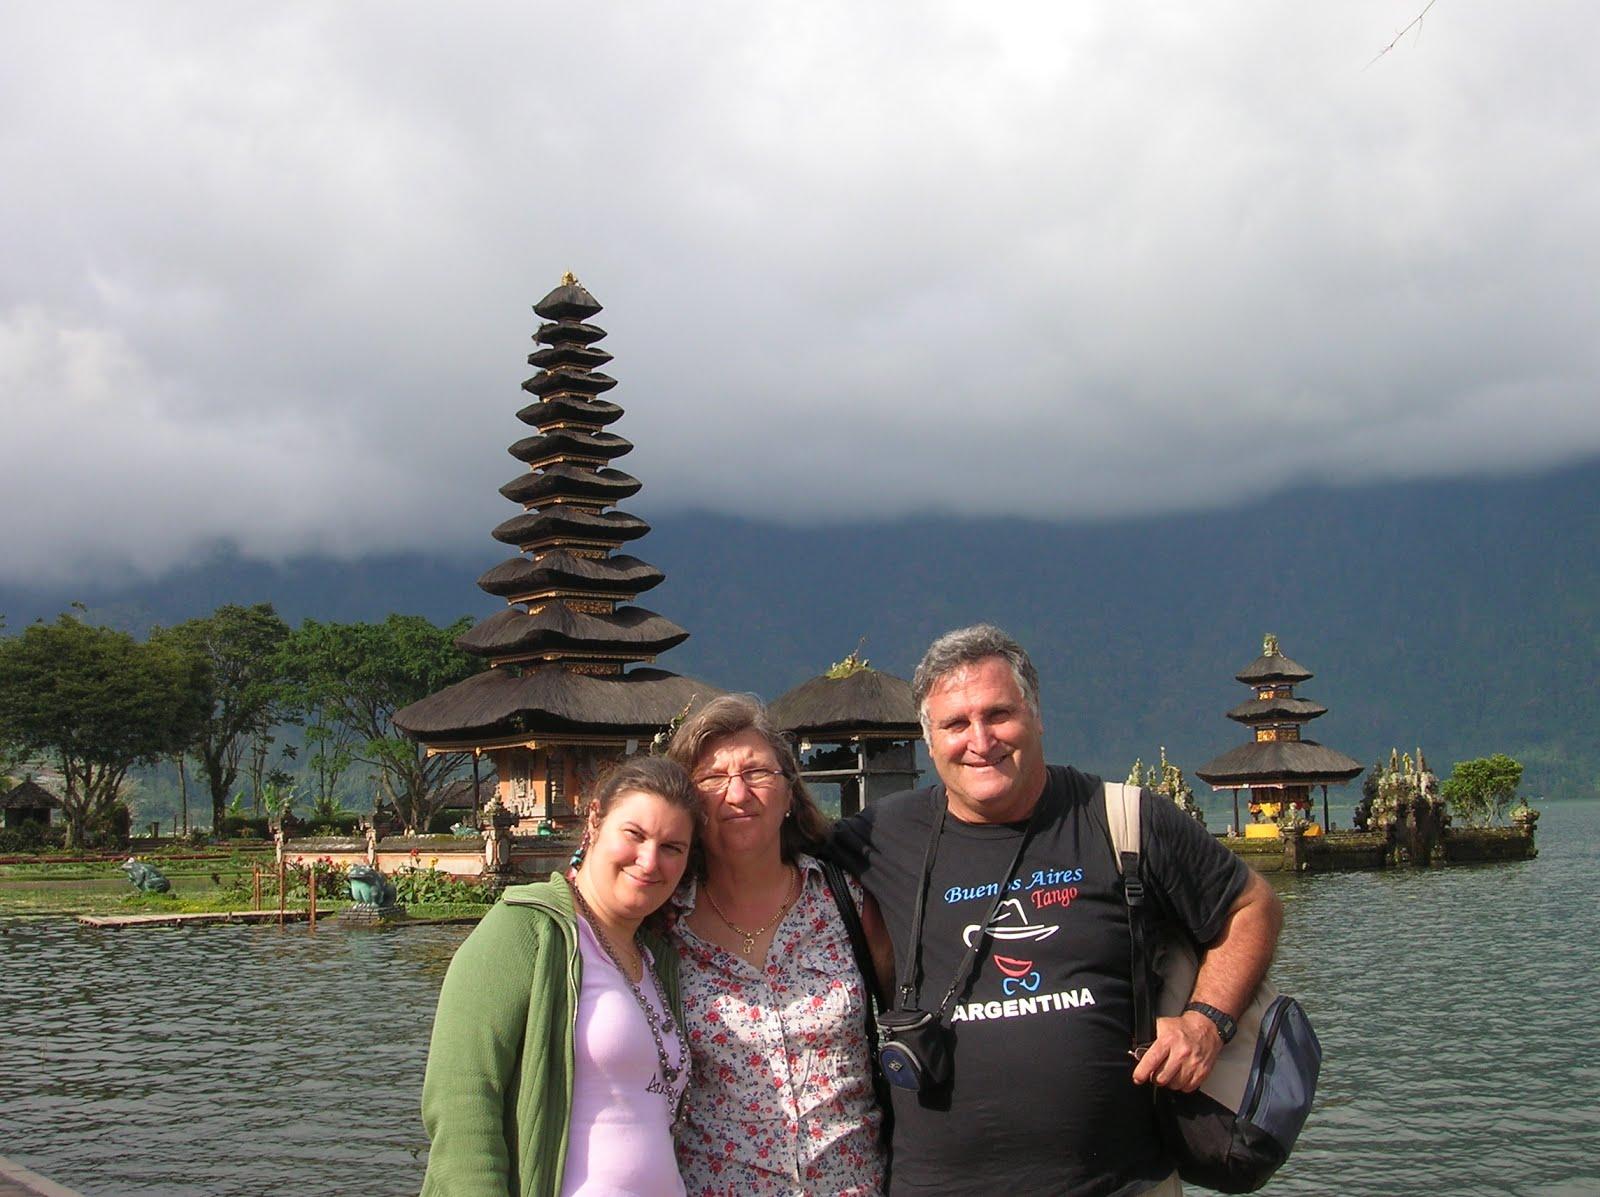 Templo Ulun Danu Beratan, Isla de Bali,Indonesia, vuelta al mundo, round the world, La vuelta al mundo de Asun y Ricardo